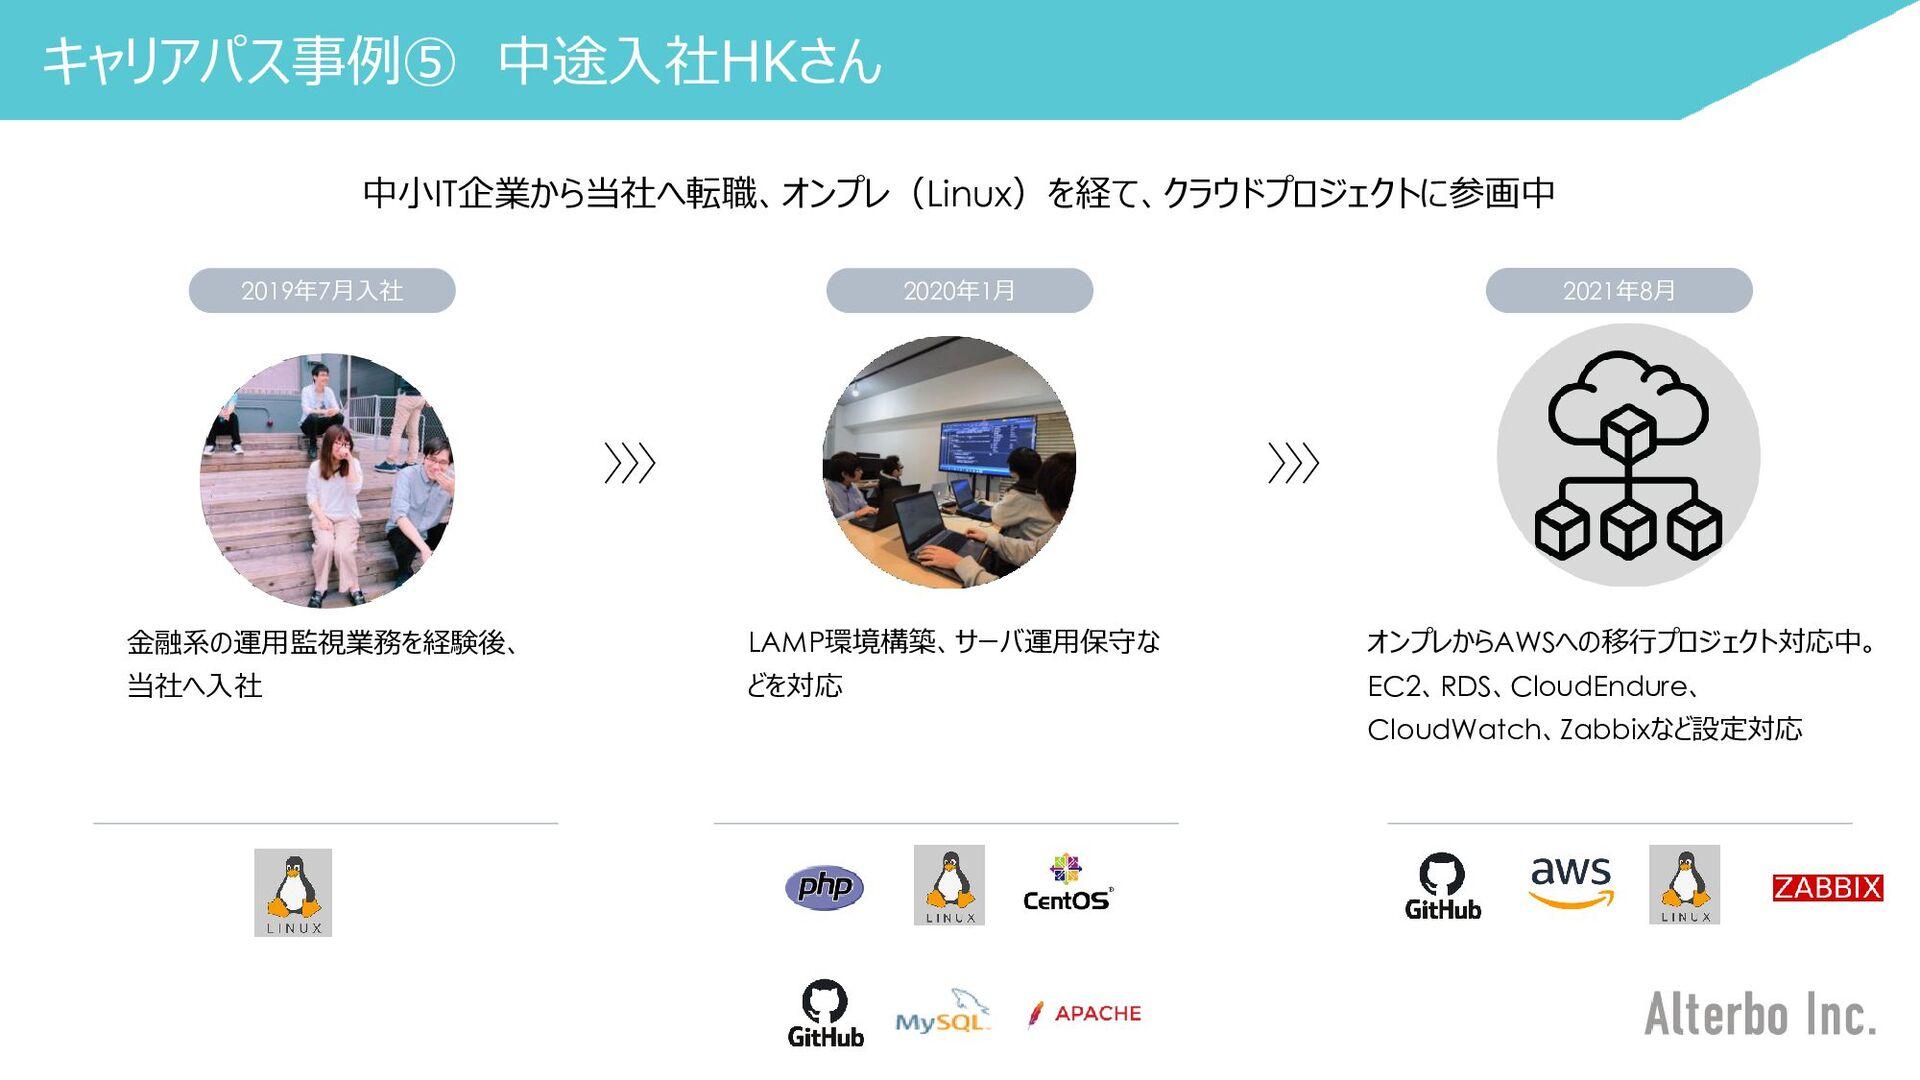 月1回の技術キャッチアップイベント:GKO(G自己学習_K帰社日_Oオンライン) 月1回当社所...